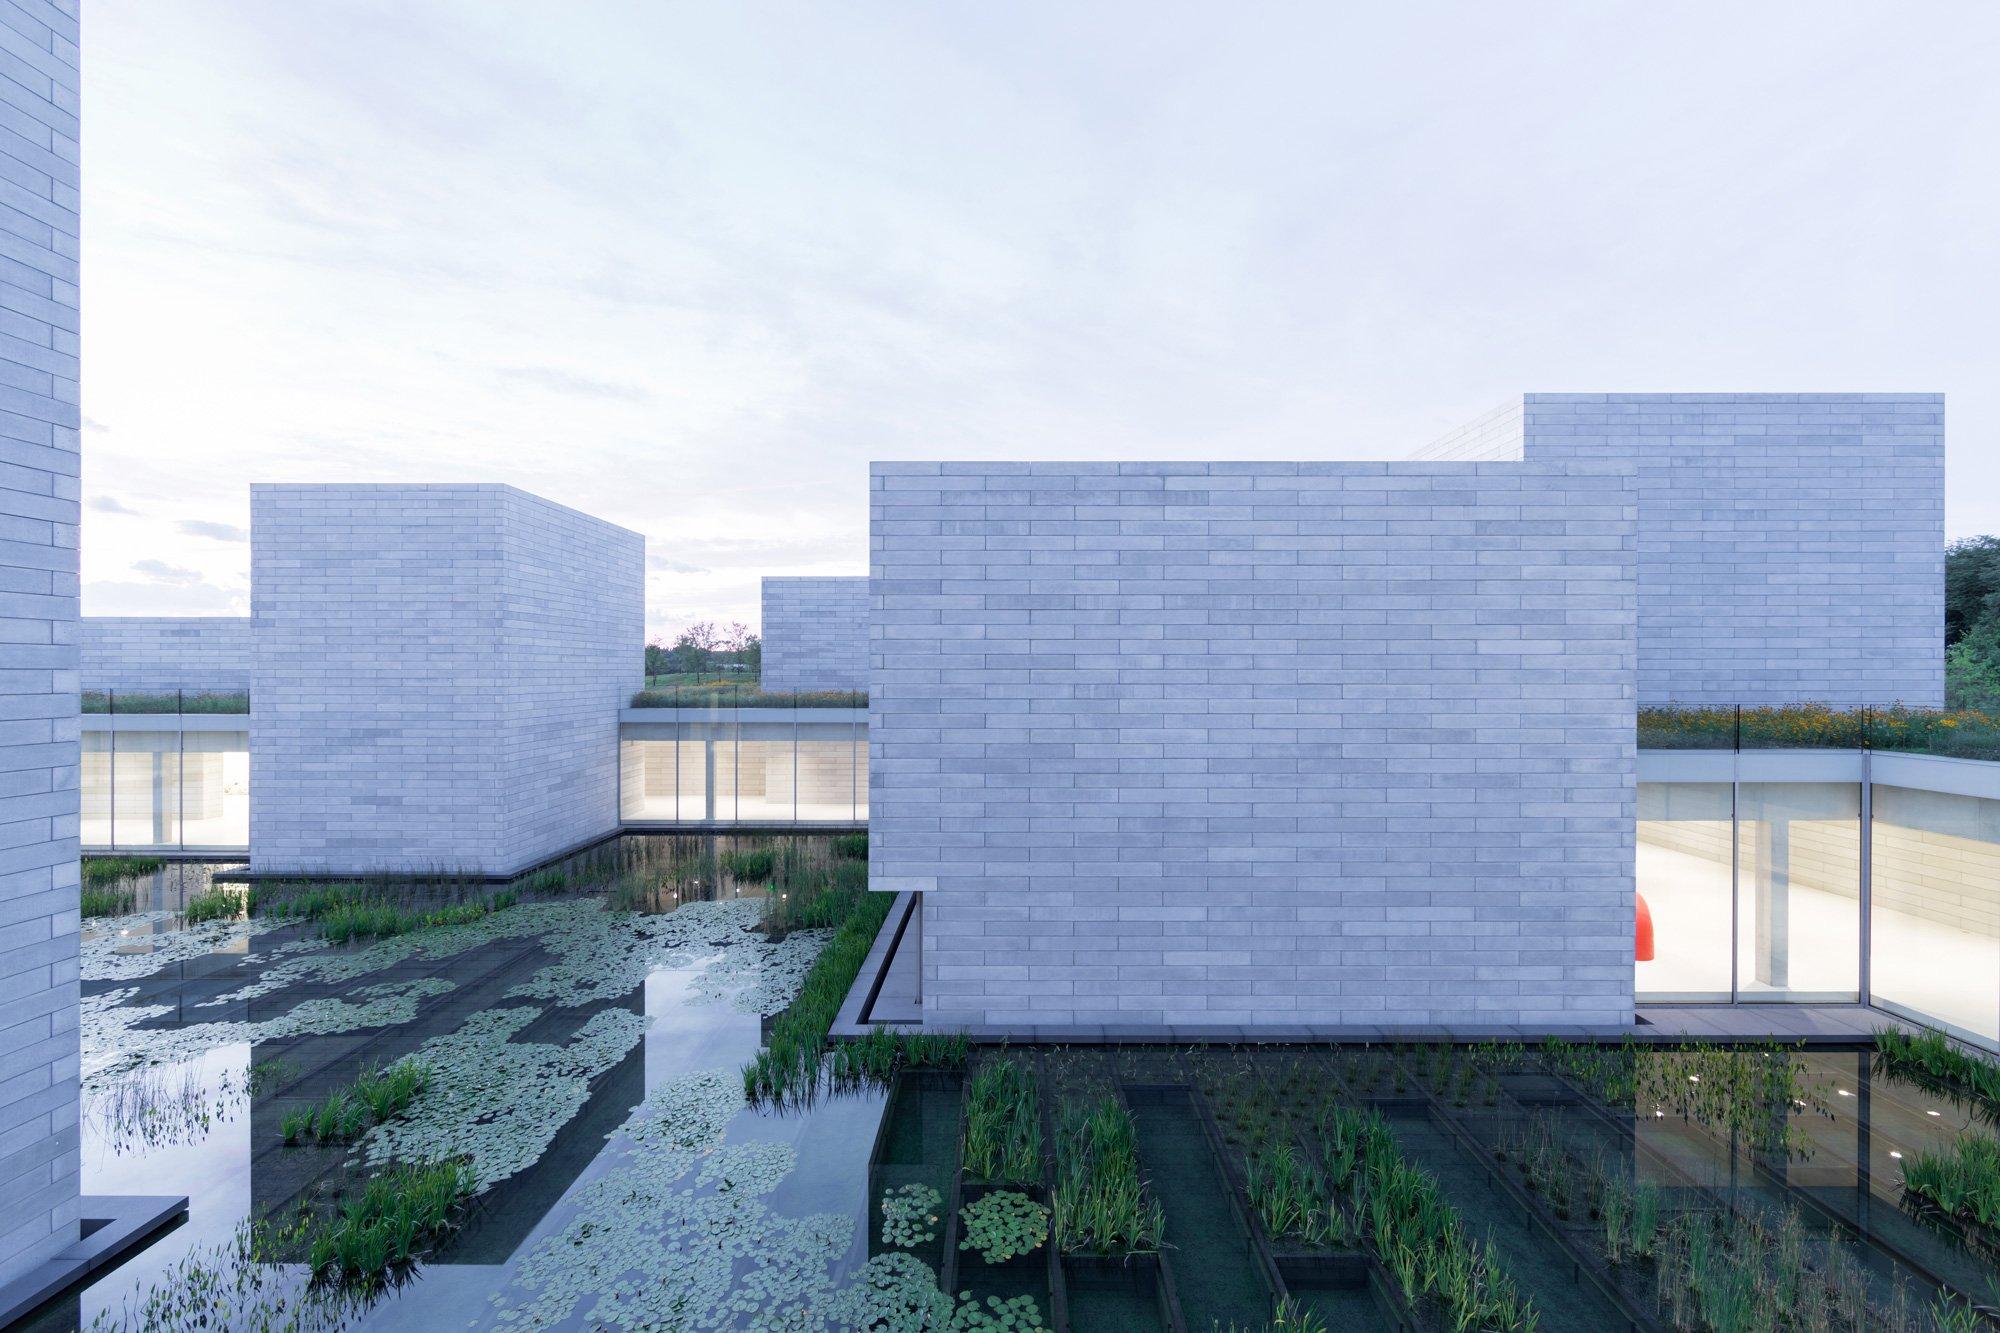 PAVILIONS - AMPLIAMENTO DEL GLENSTONE MUSEUM © Iwan Baan